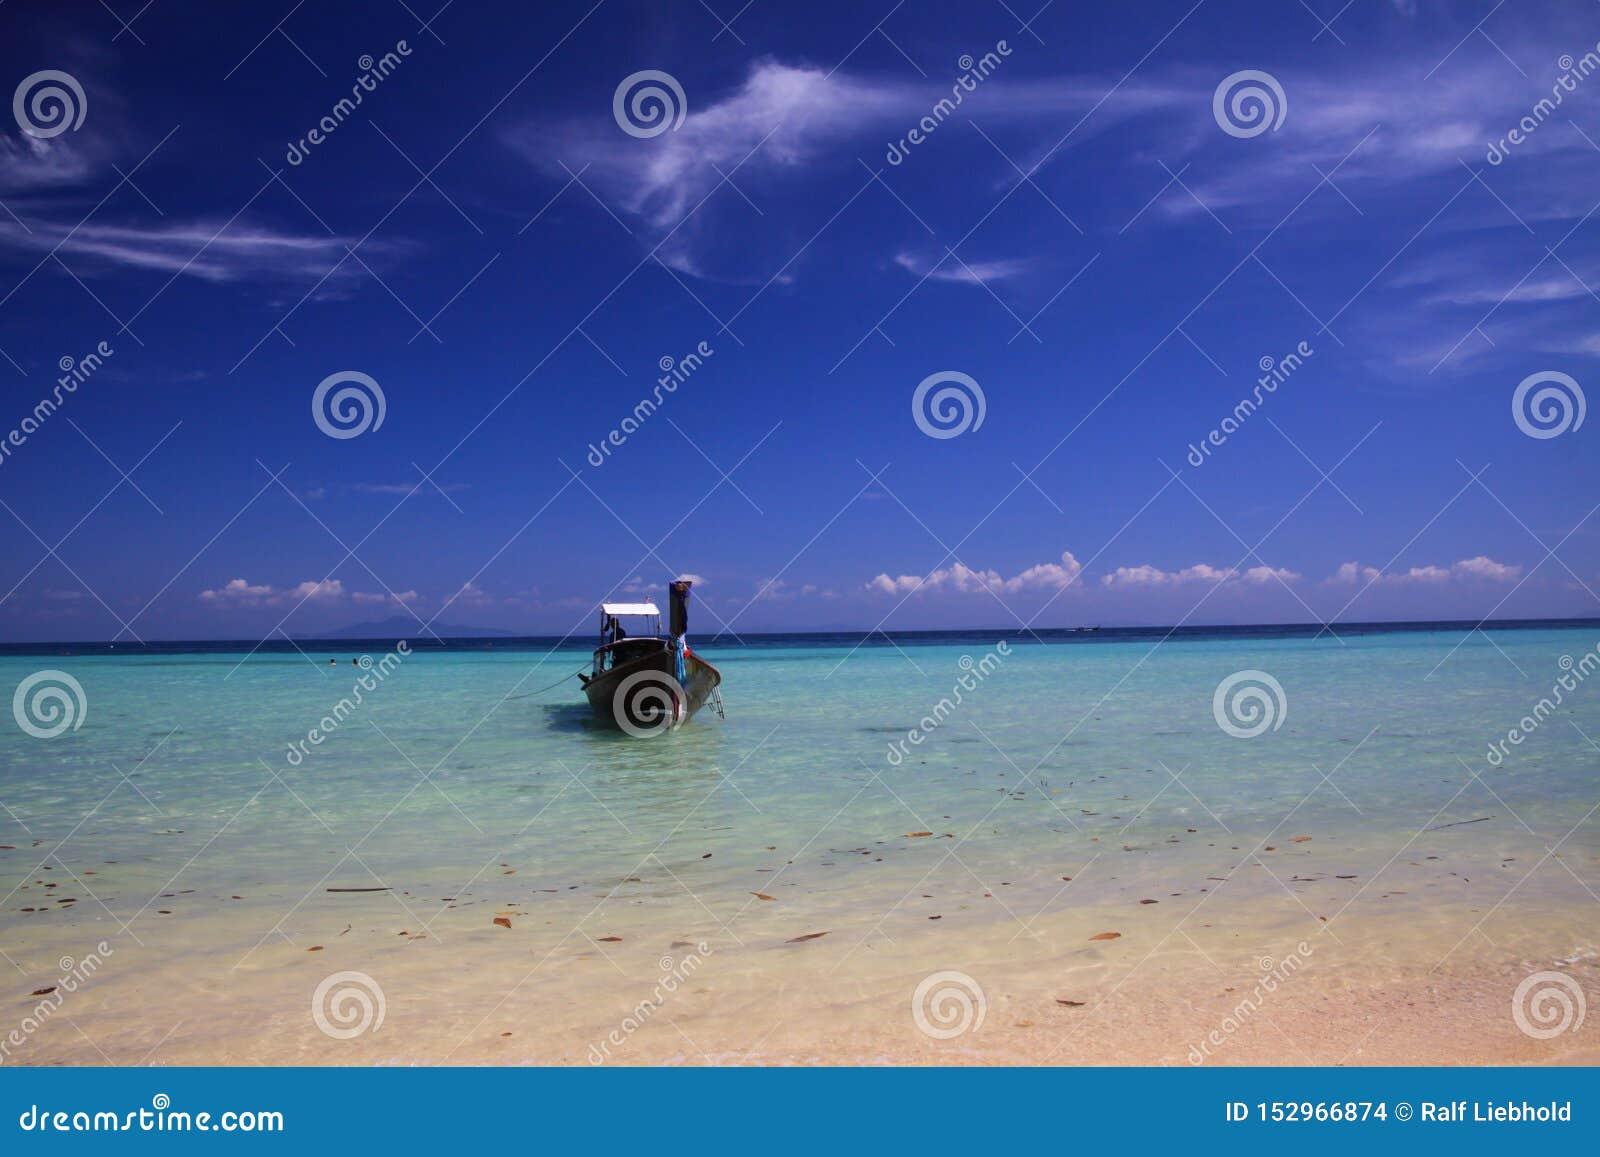 Arco aislado del barco del longtail en el agua poco profunda de la turquesa debajo del cielo azul con pocas nubes de cirro en la